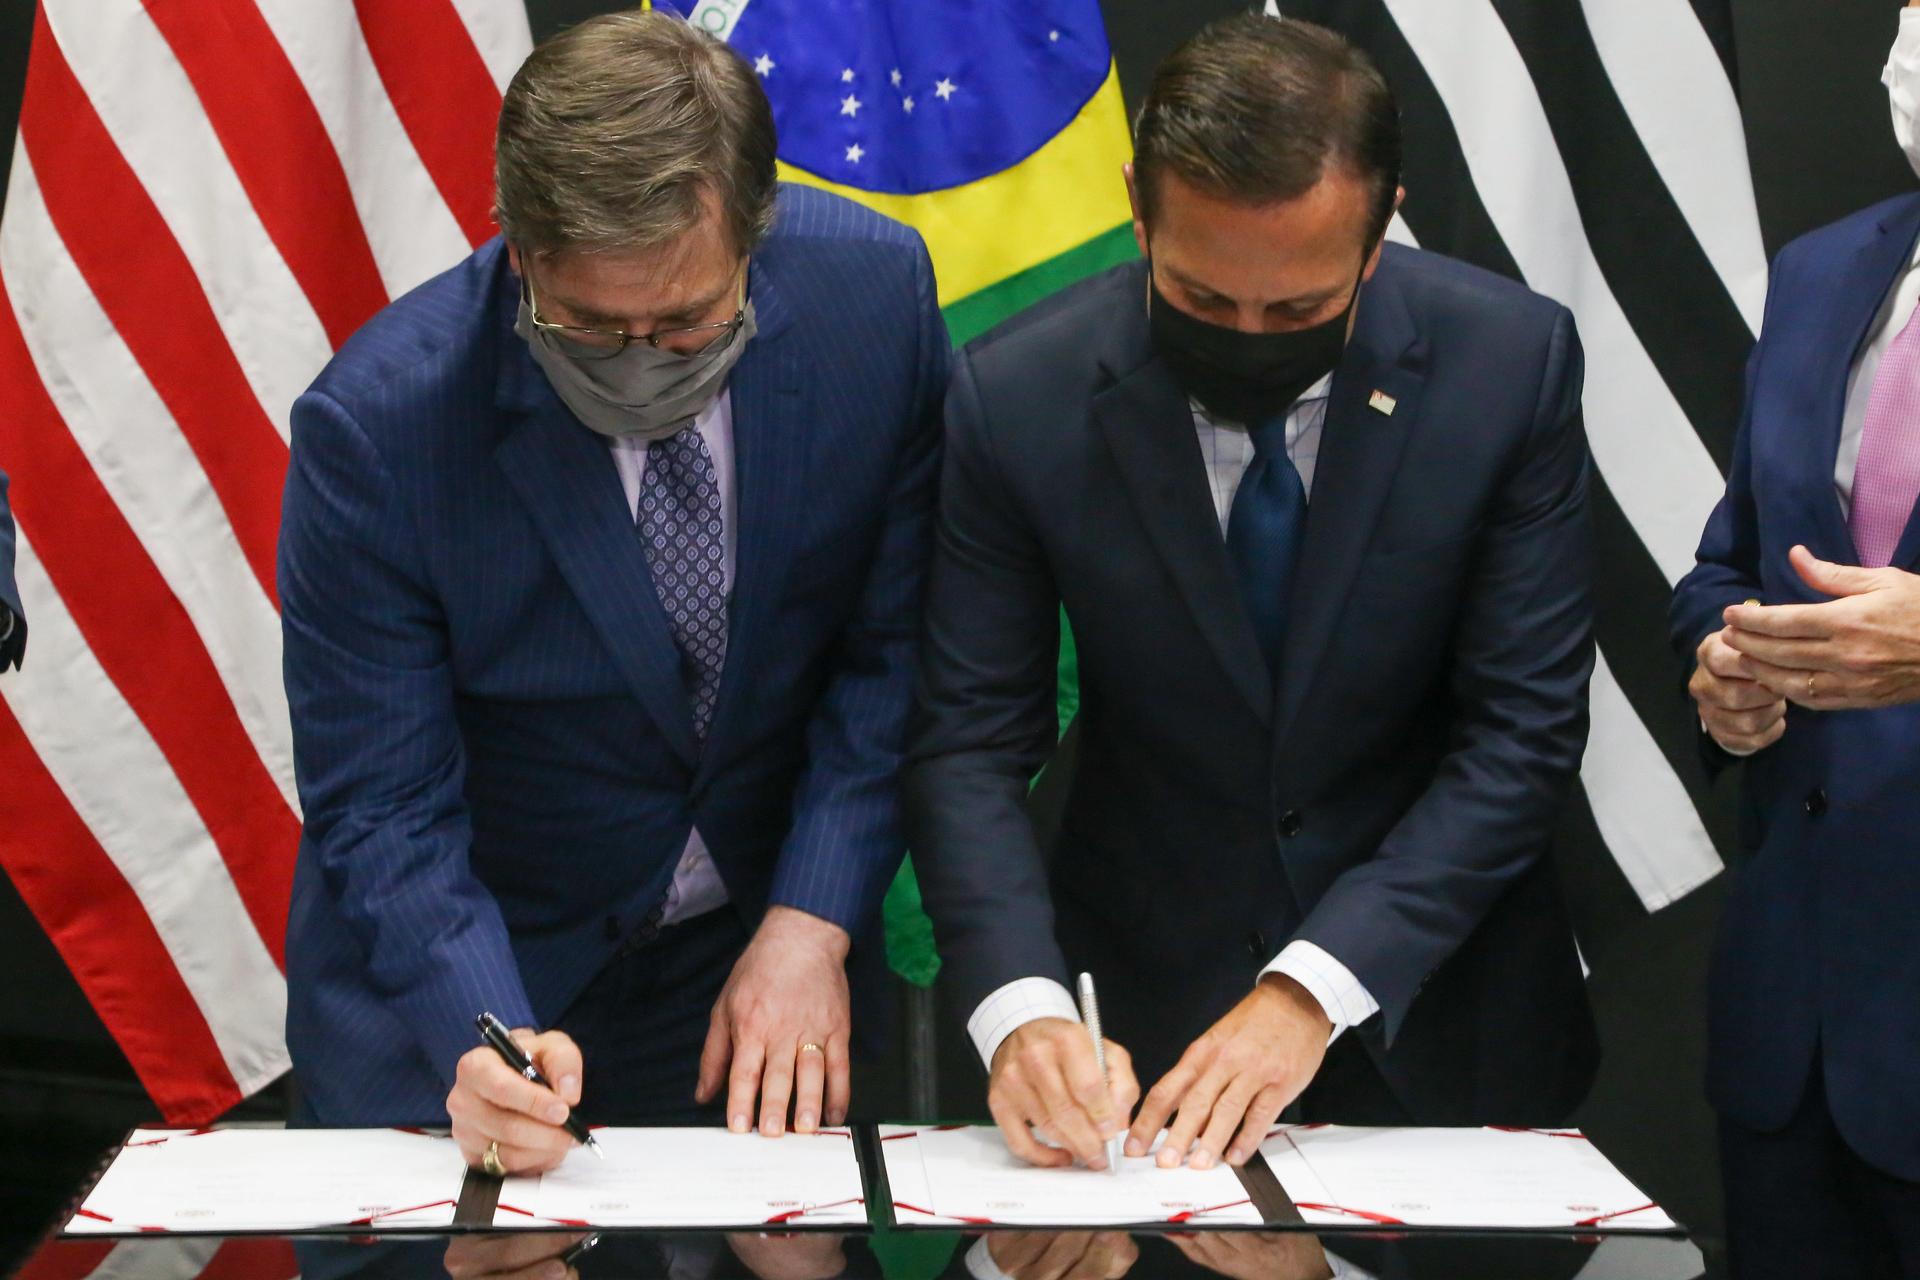 GOVERNO DE SÃO PAULO ASSINA ACORDO DE COOPERAÇÃO COM EUA